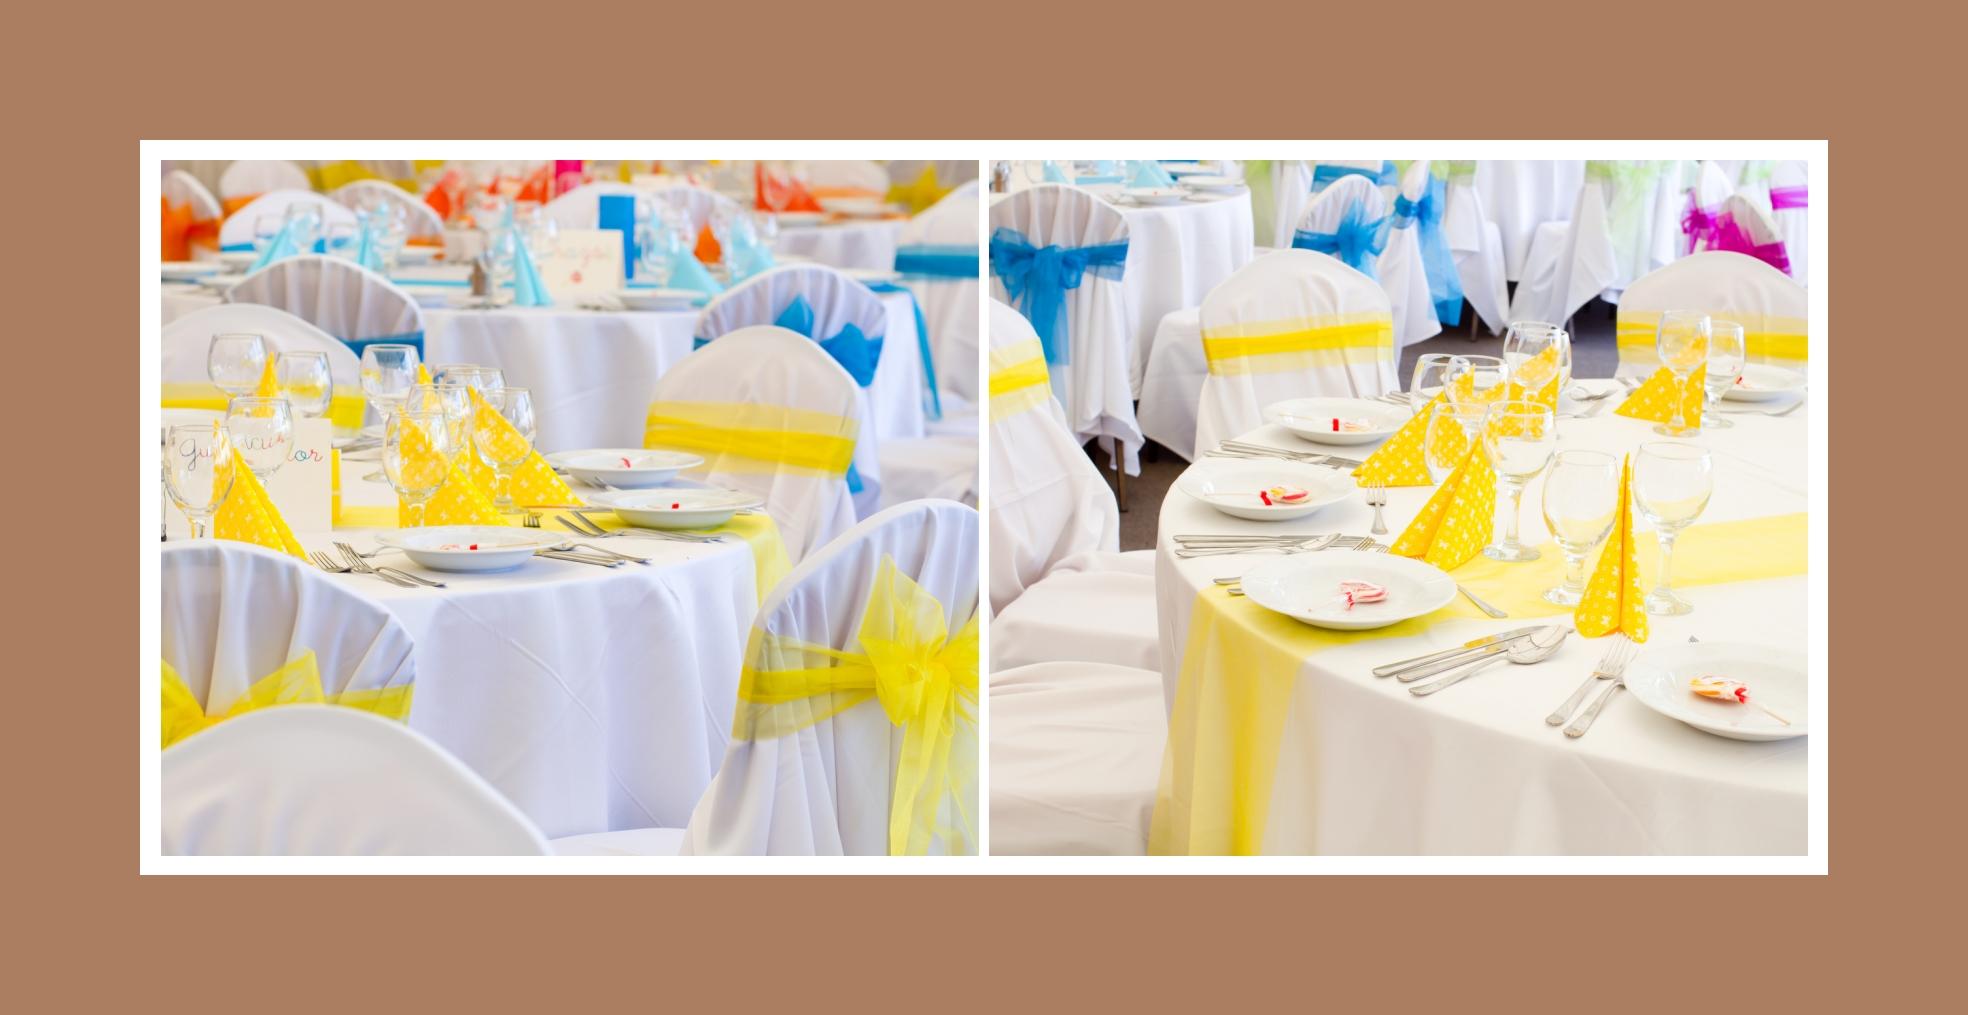 Die bunten Tische - unendlich positiv und feierlich